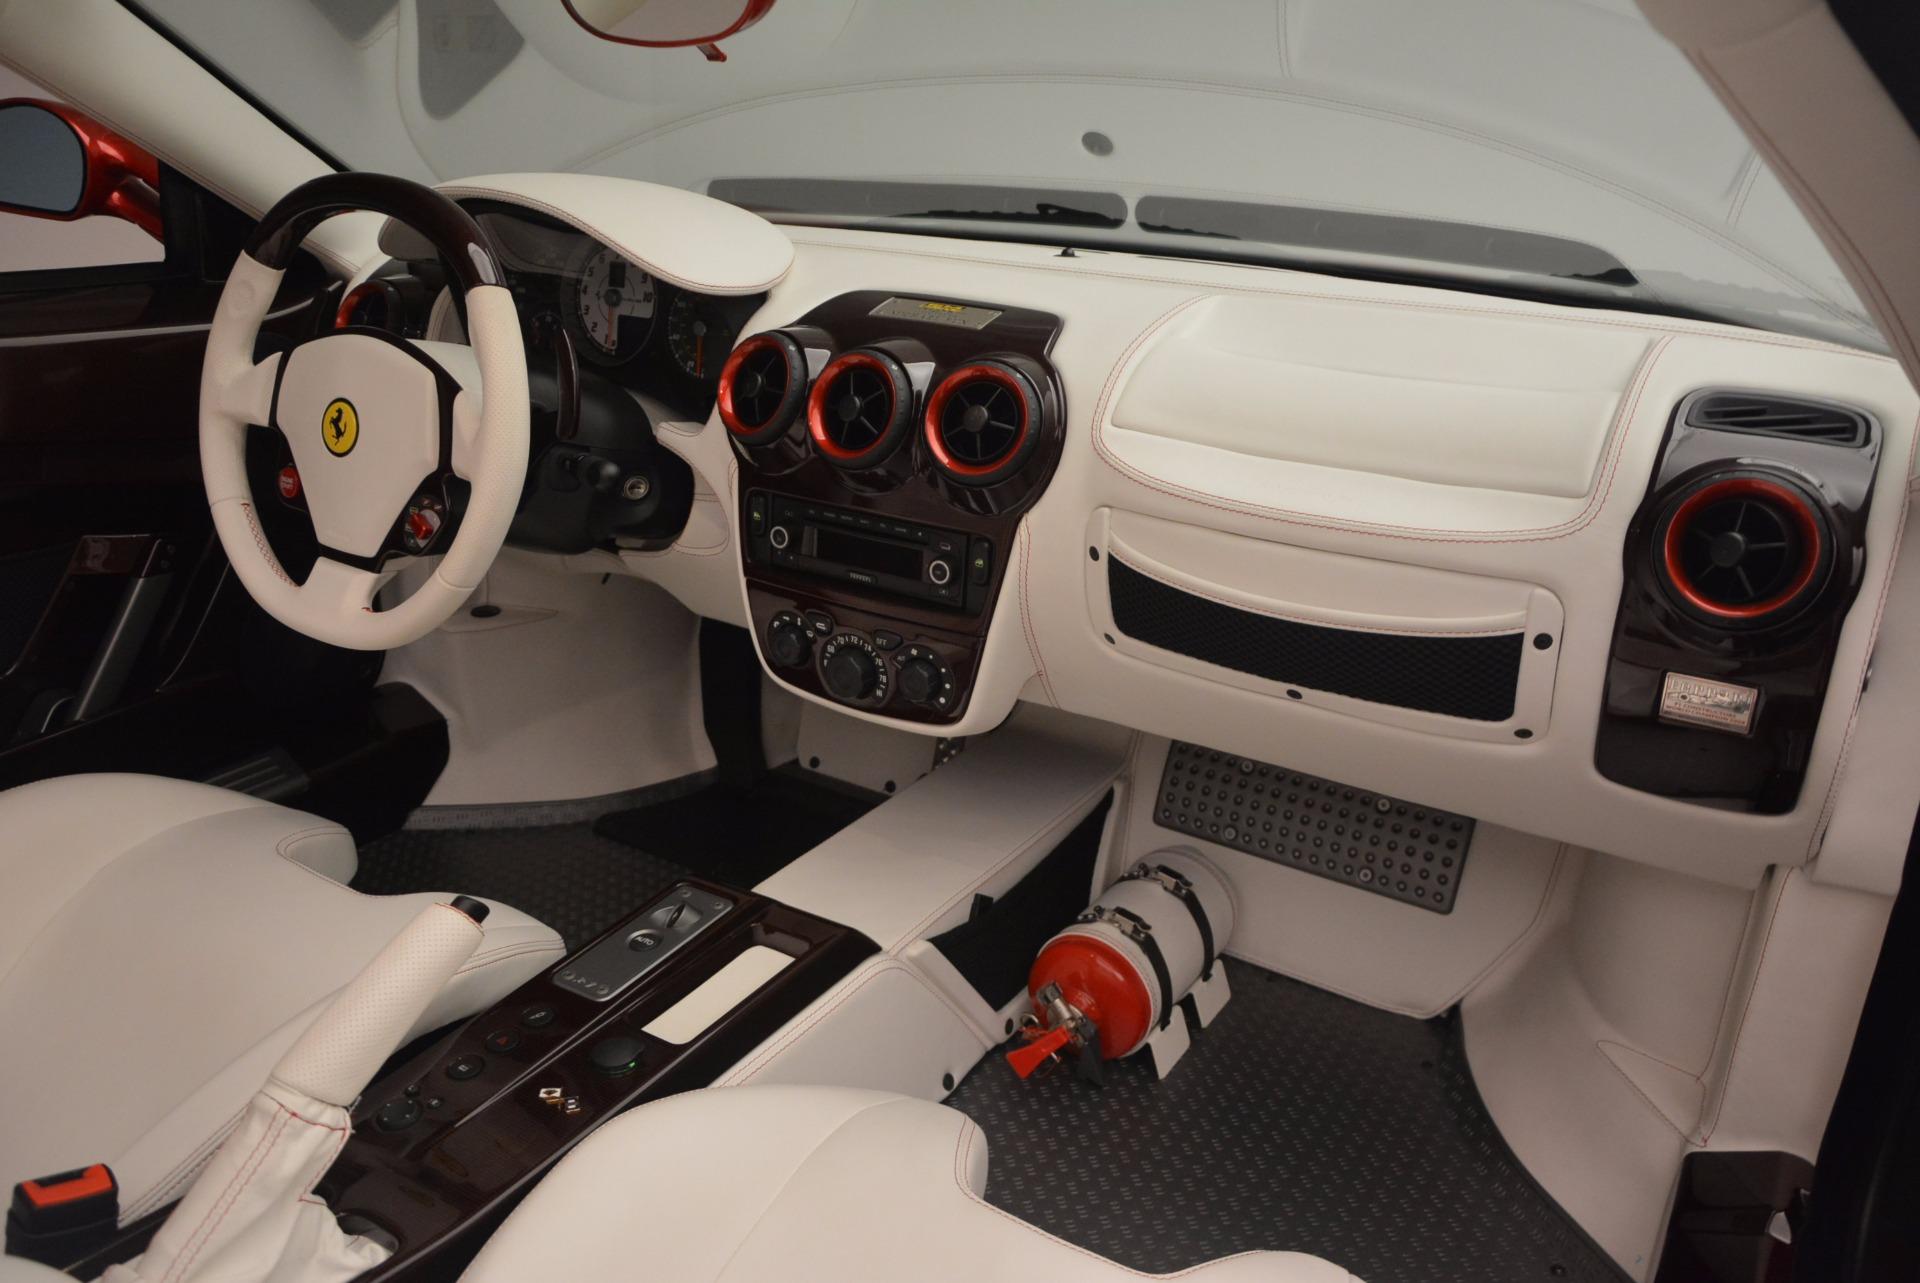 Used 2009 Ferrari F430 Scuderia 16M For Sale In Greenwich, CT. Alfa Romeo of Greenwich, 4404 1398_p29